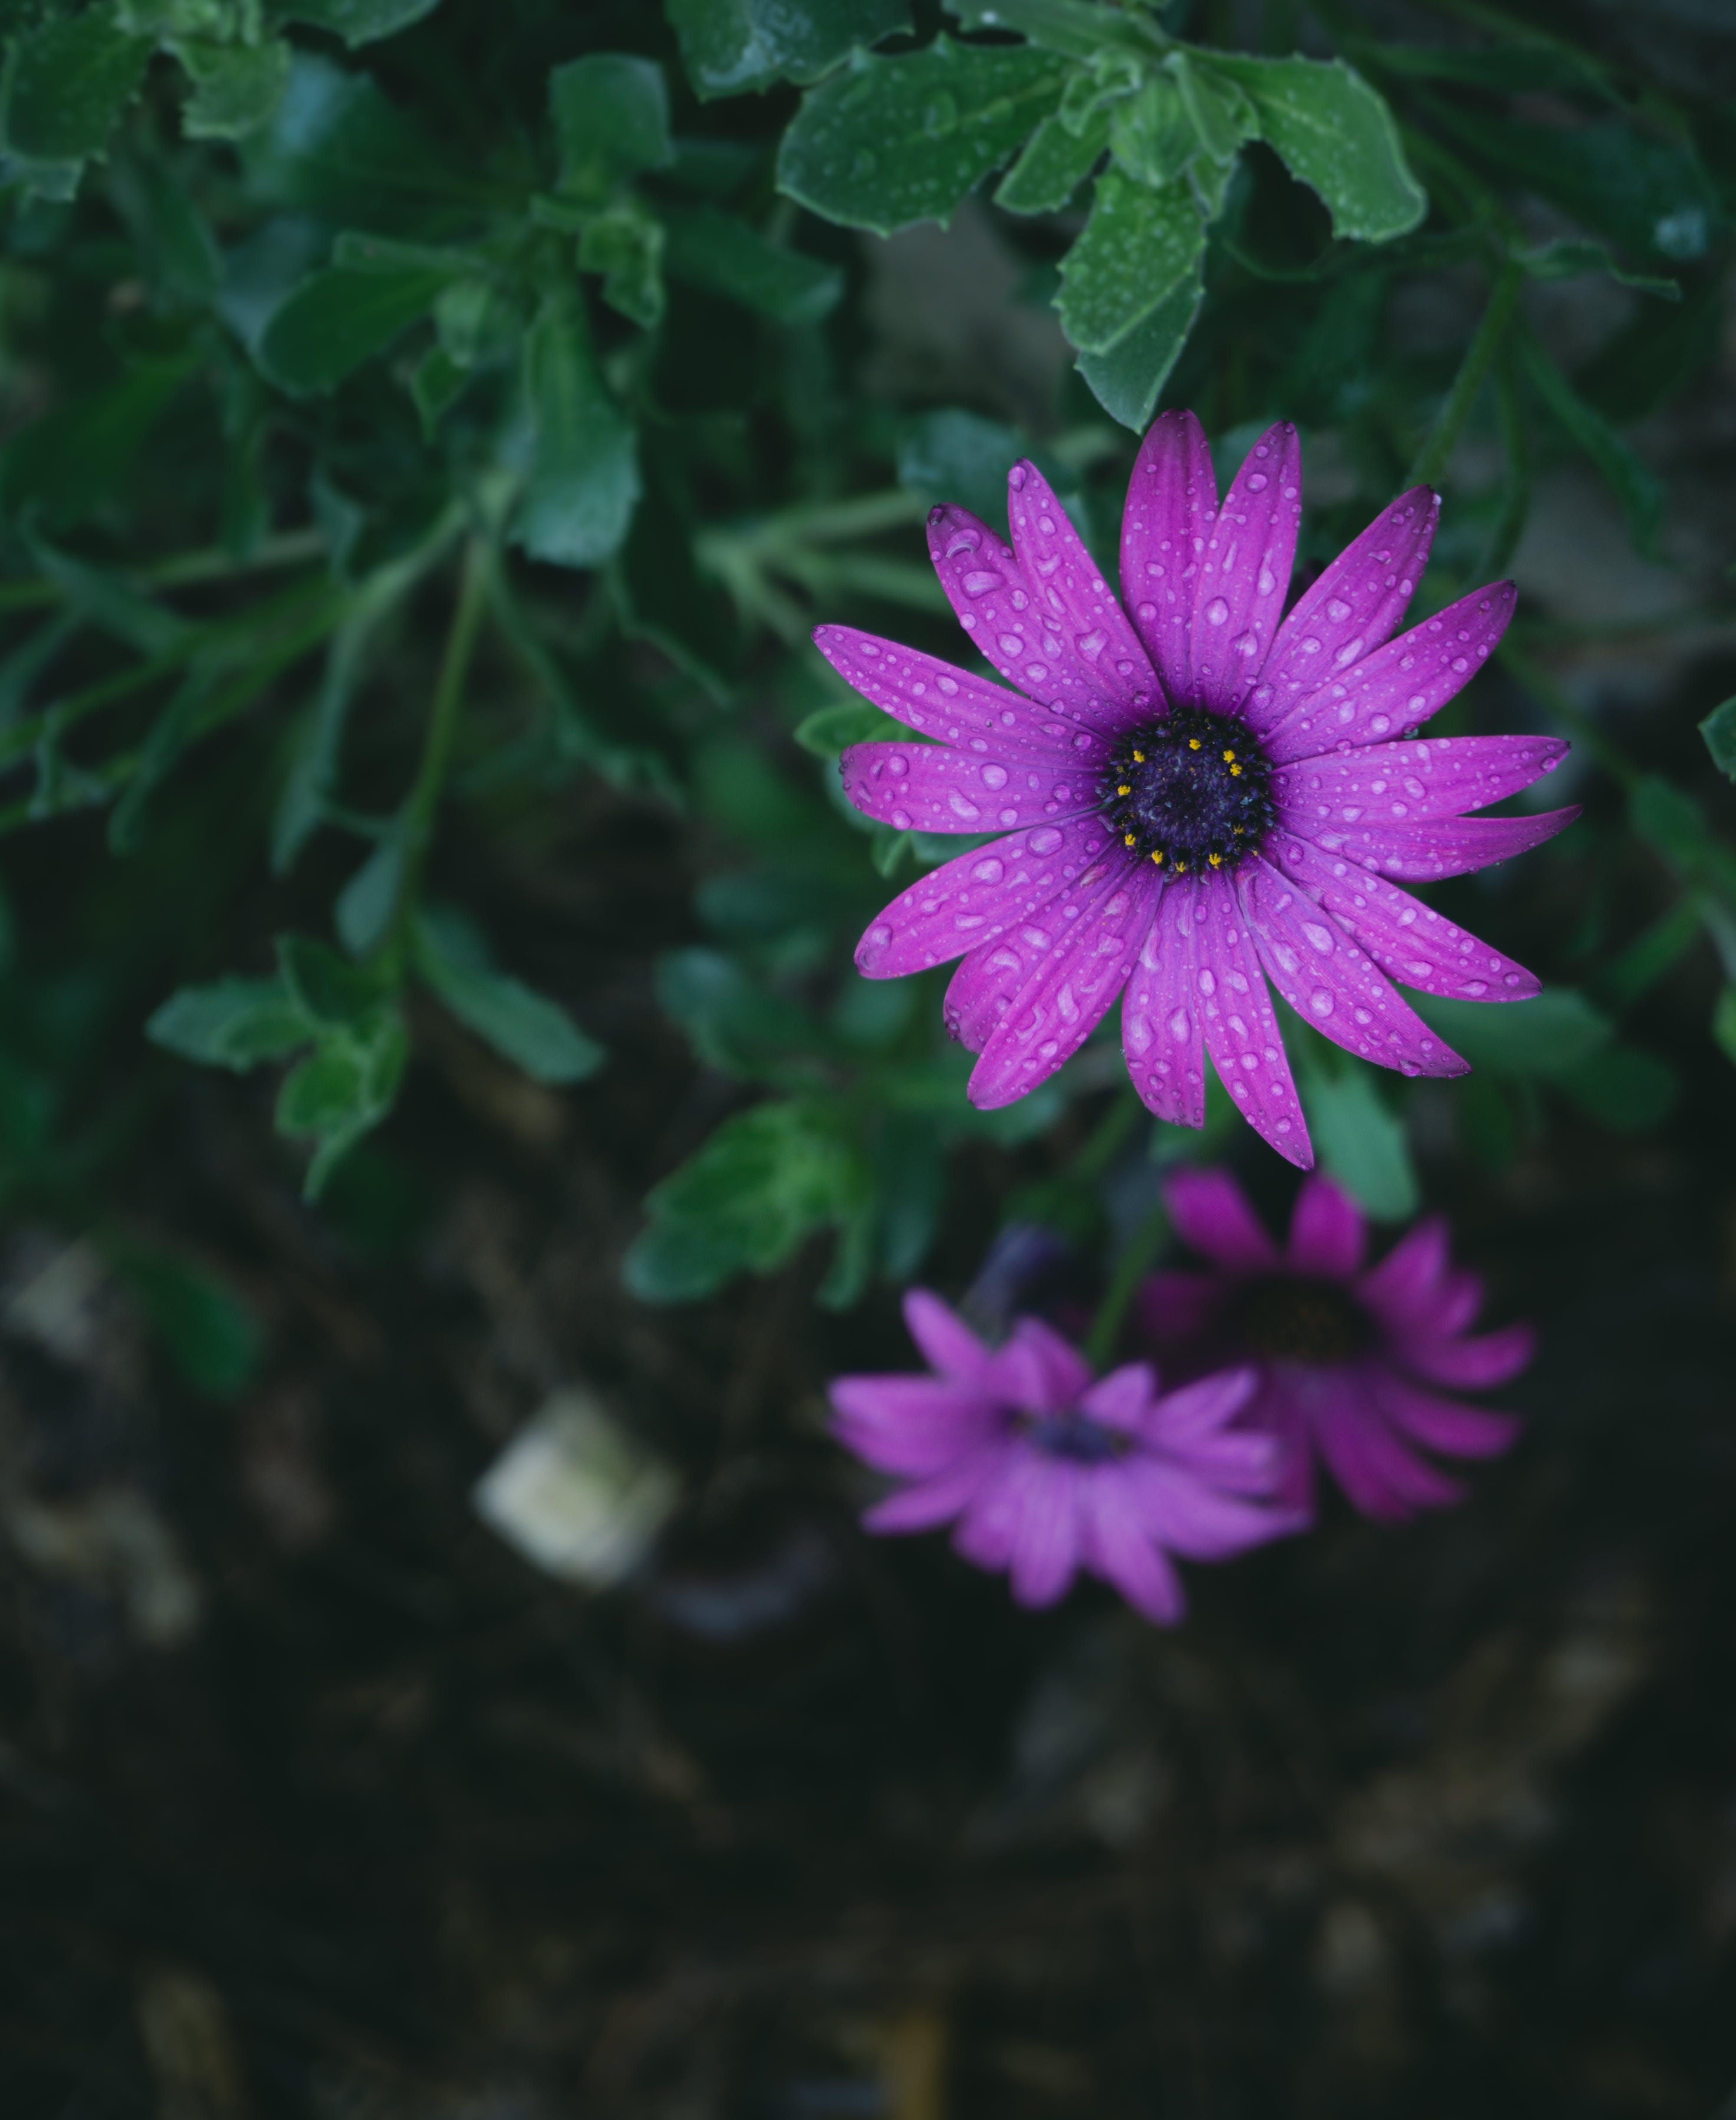 Free stock photo of #outdoorchallenge, blur, flower, garden